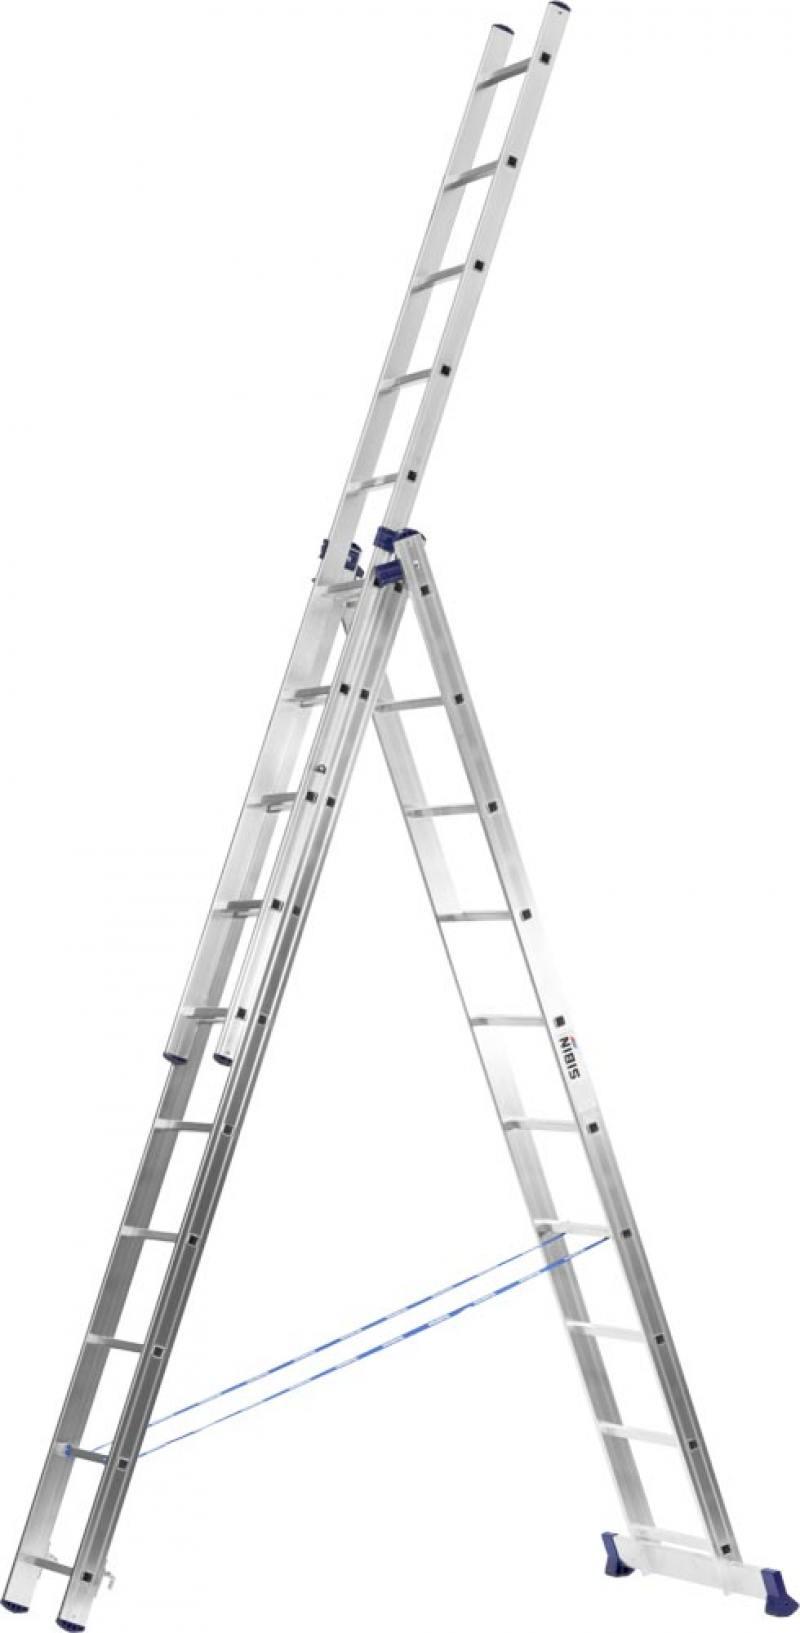 Лестница Сибин универсальнаятрехсекционная со стабилизатором 12 ступеней 38833-12 лестница трехсекционная сибин 3х9 ступеней 38833 09